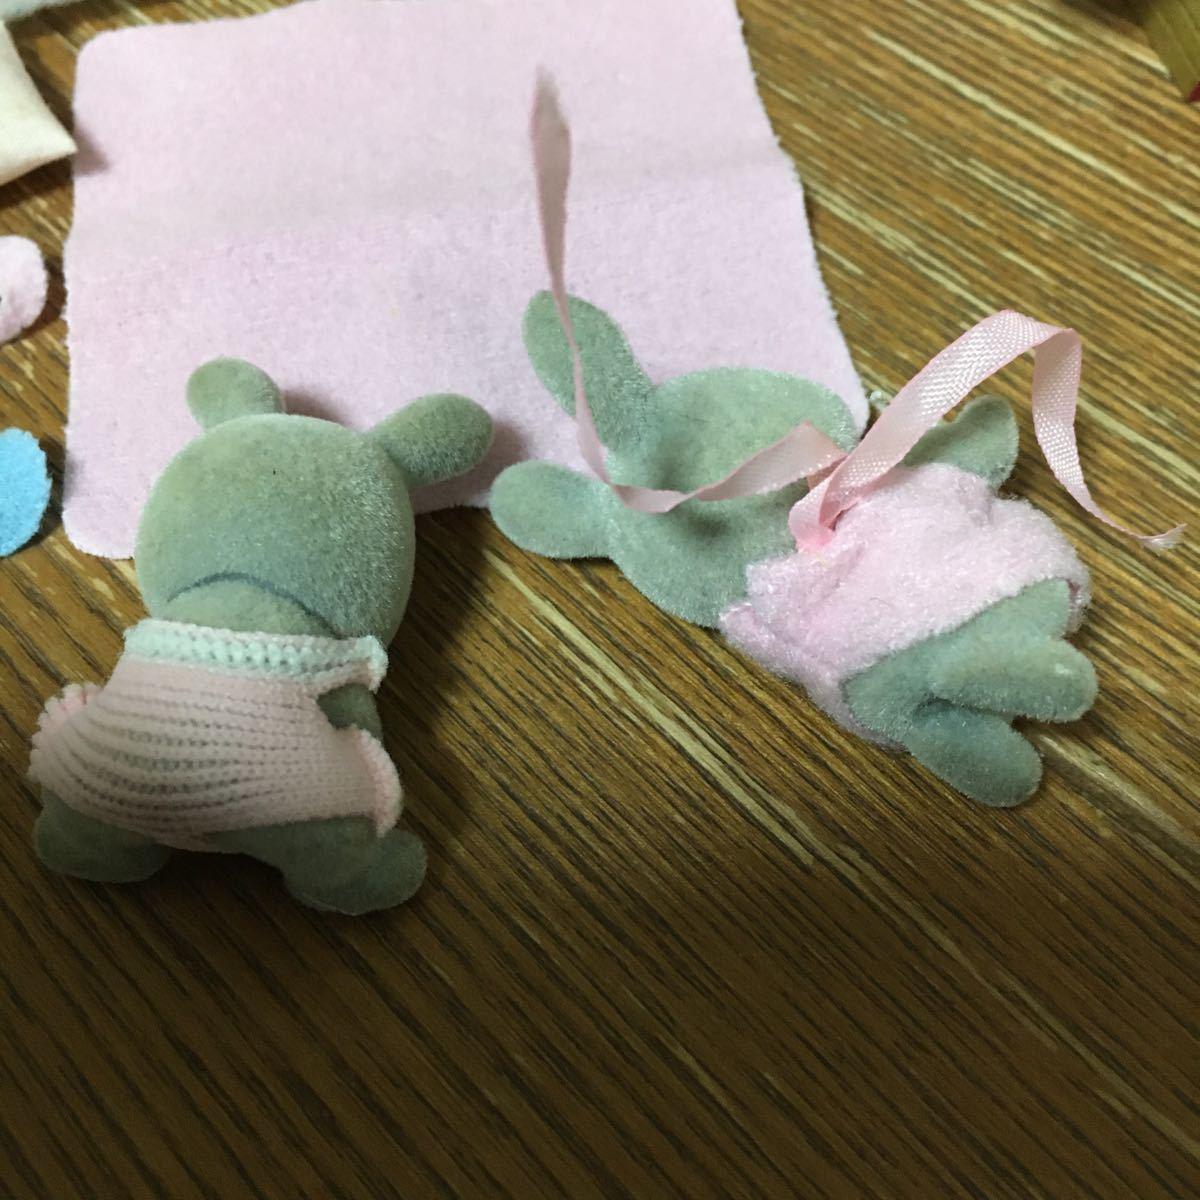 シルバニアファミリー ベビー家具セット 双子 赤ちゃん グレー_画像3